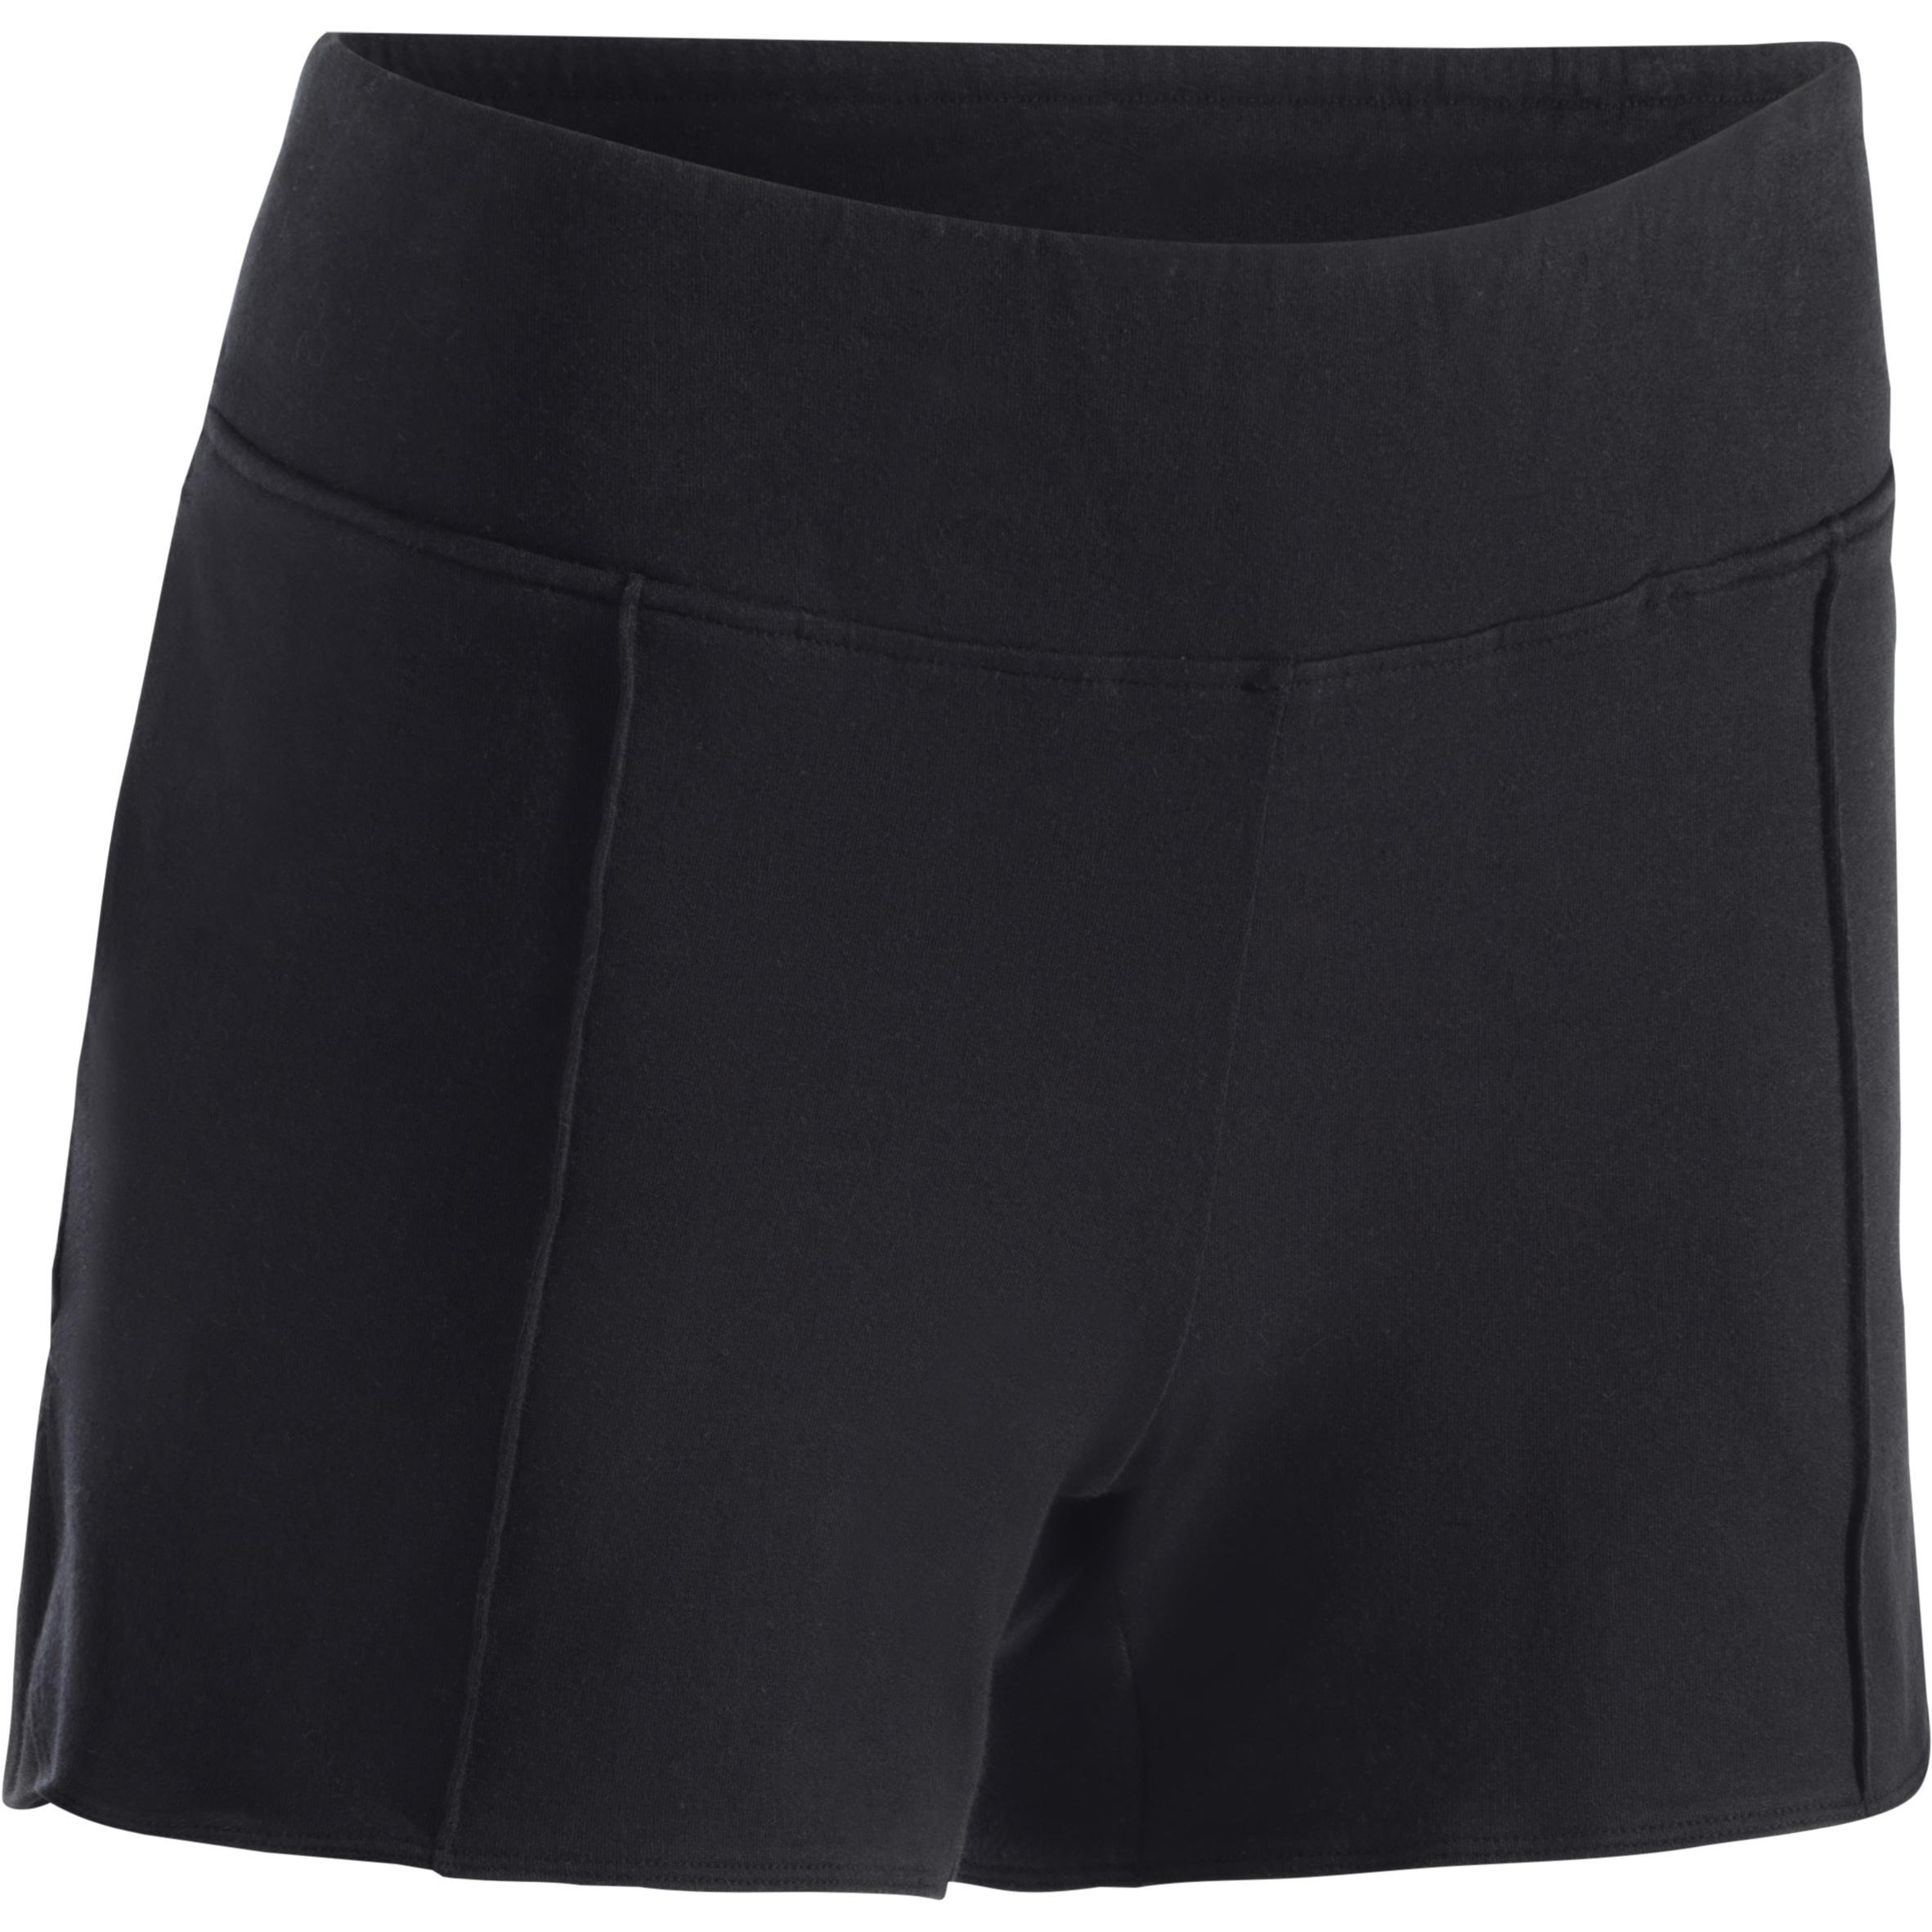 Short 520 Gym et Pilates Femme noir